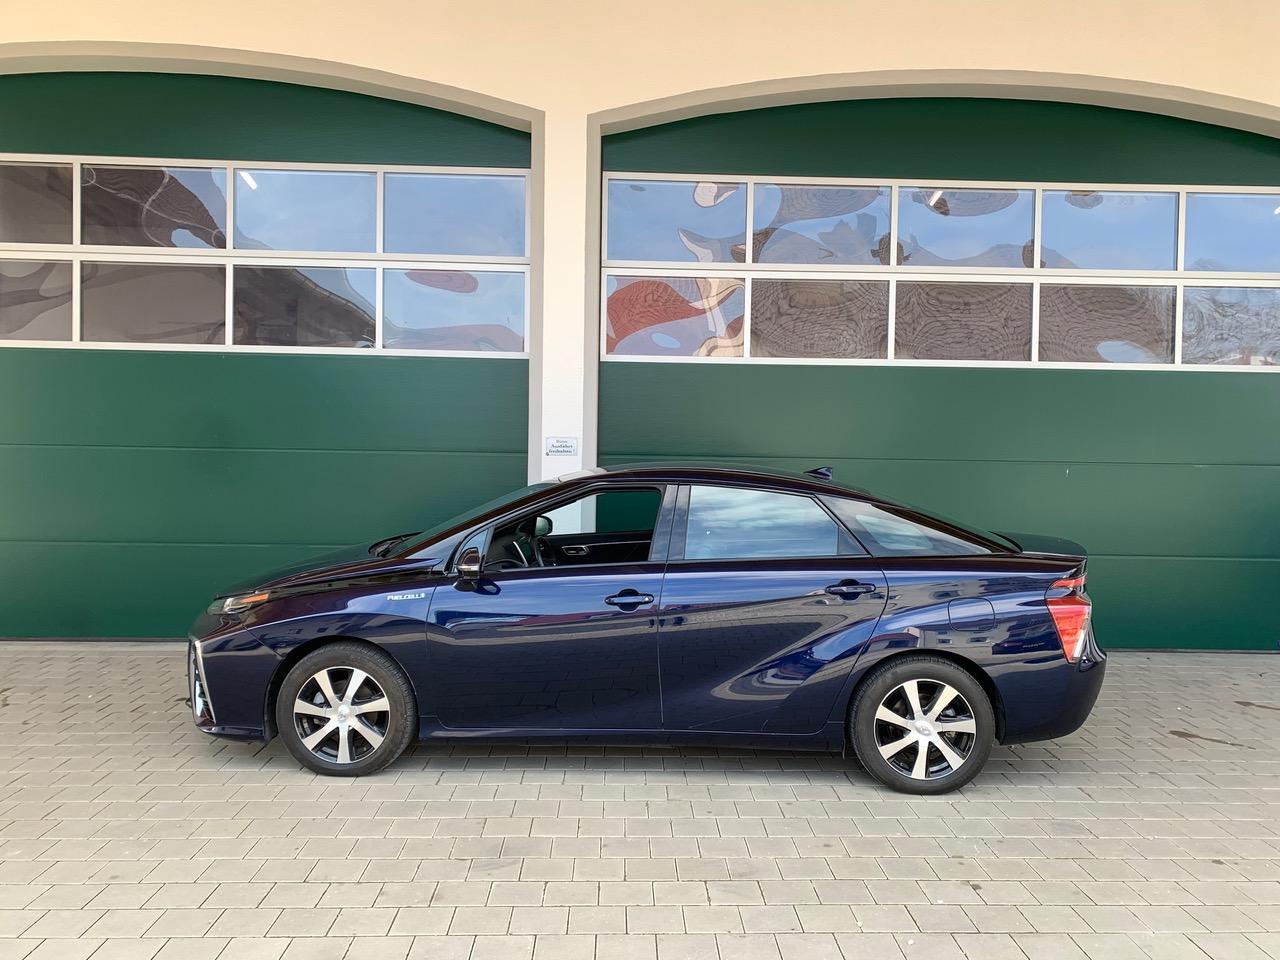 Toyota mirai wasserstoff auto zu Kaufen Osterreich